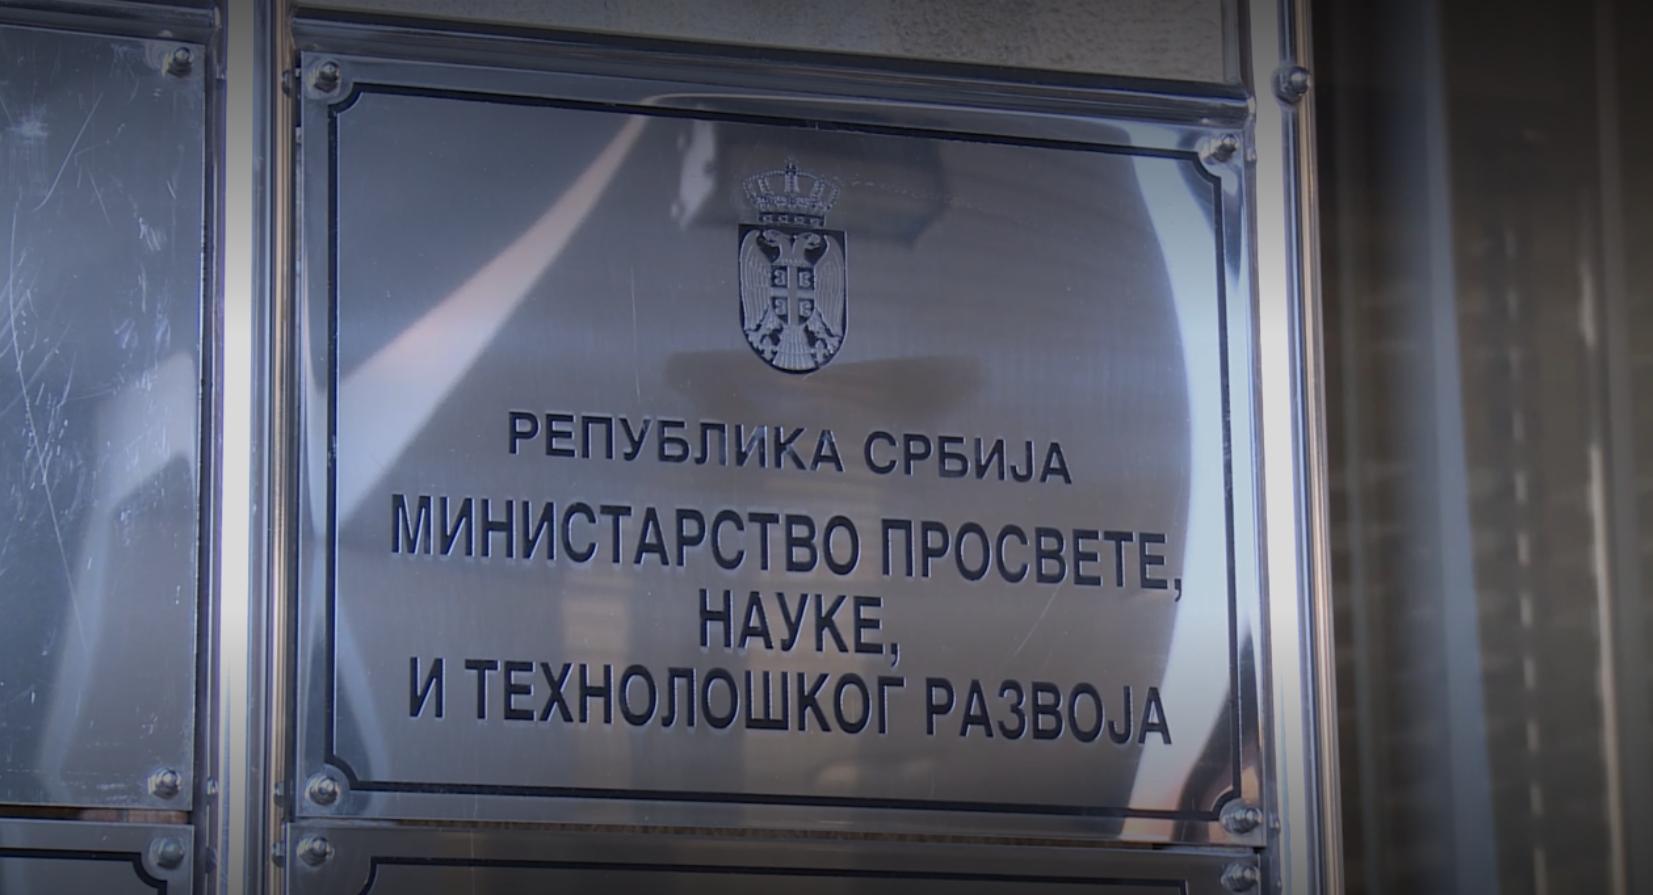 Ministarstvo: Za sada nema potrebe za obustavom rada vrtića i škola